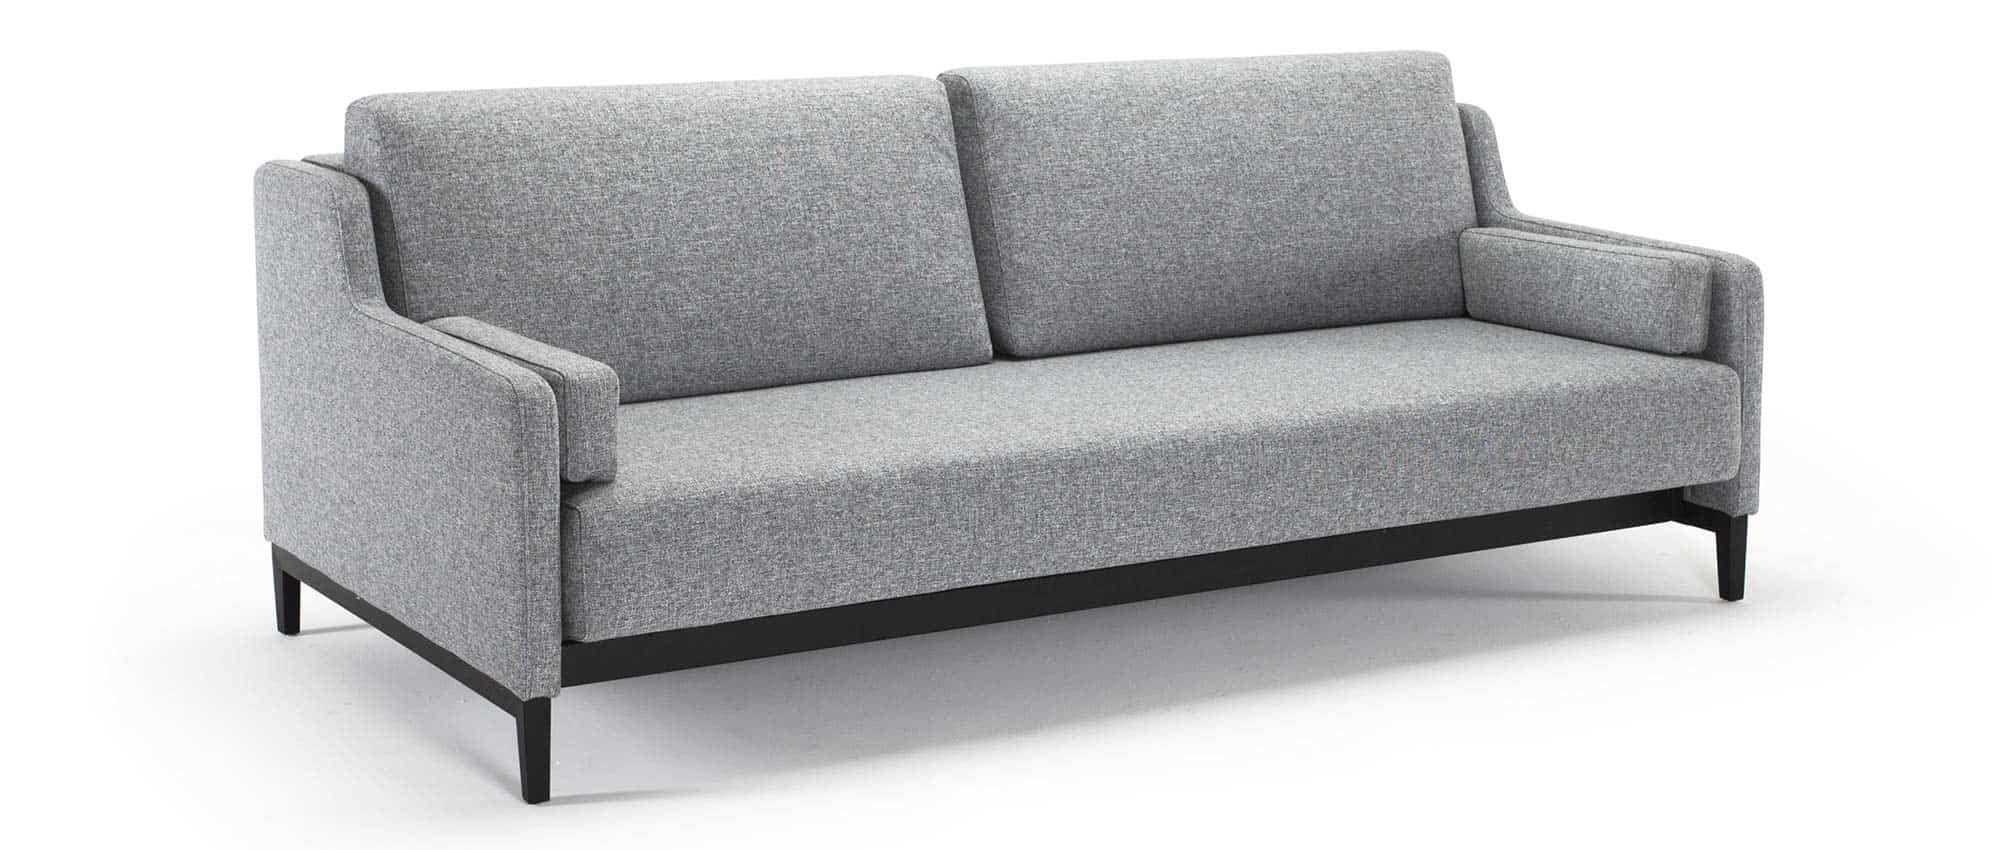 Genial Schlafsofa 160x200 Referenz Von Das Bettsofa Hermod Von Innovation Hat Eine